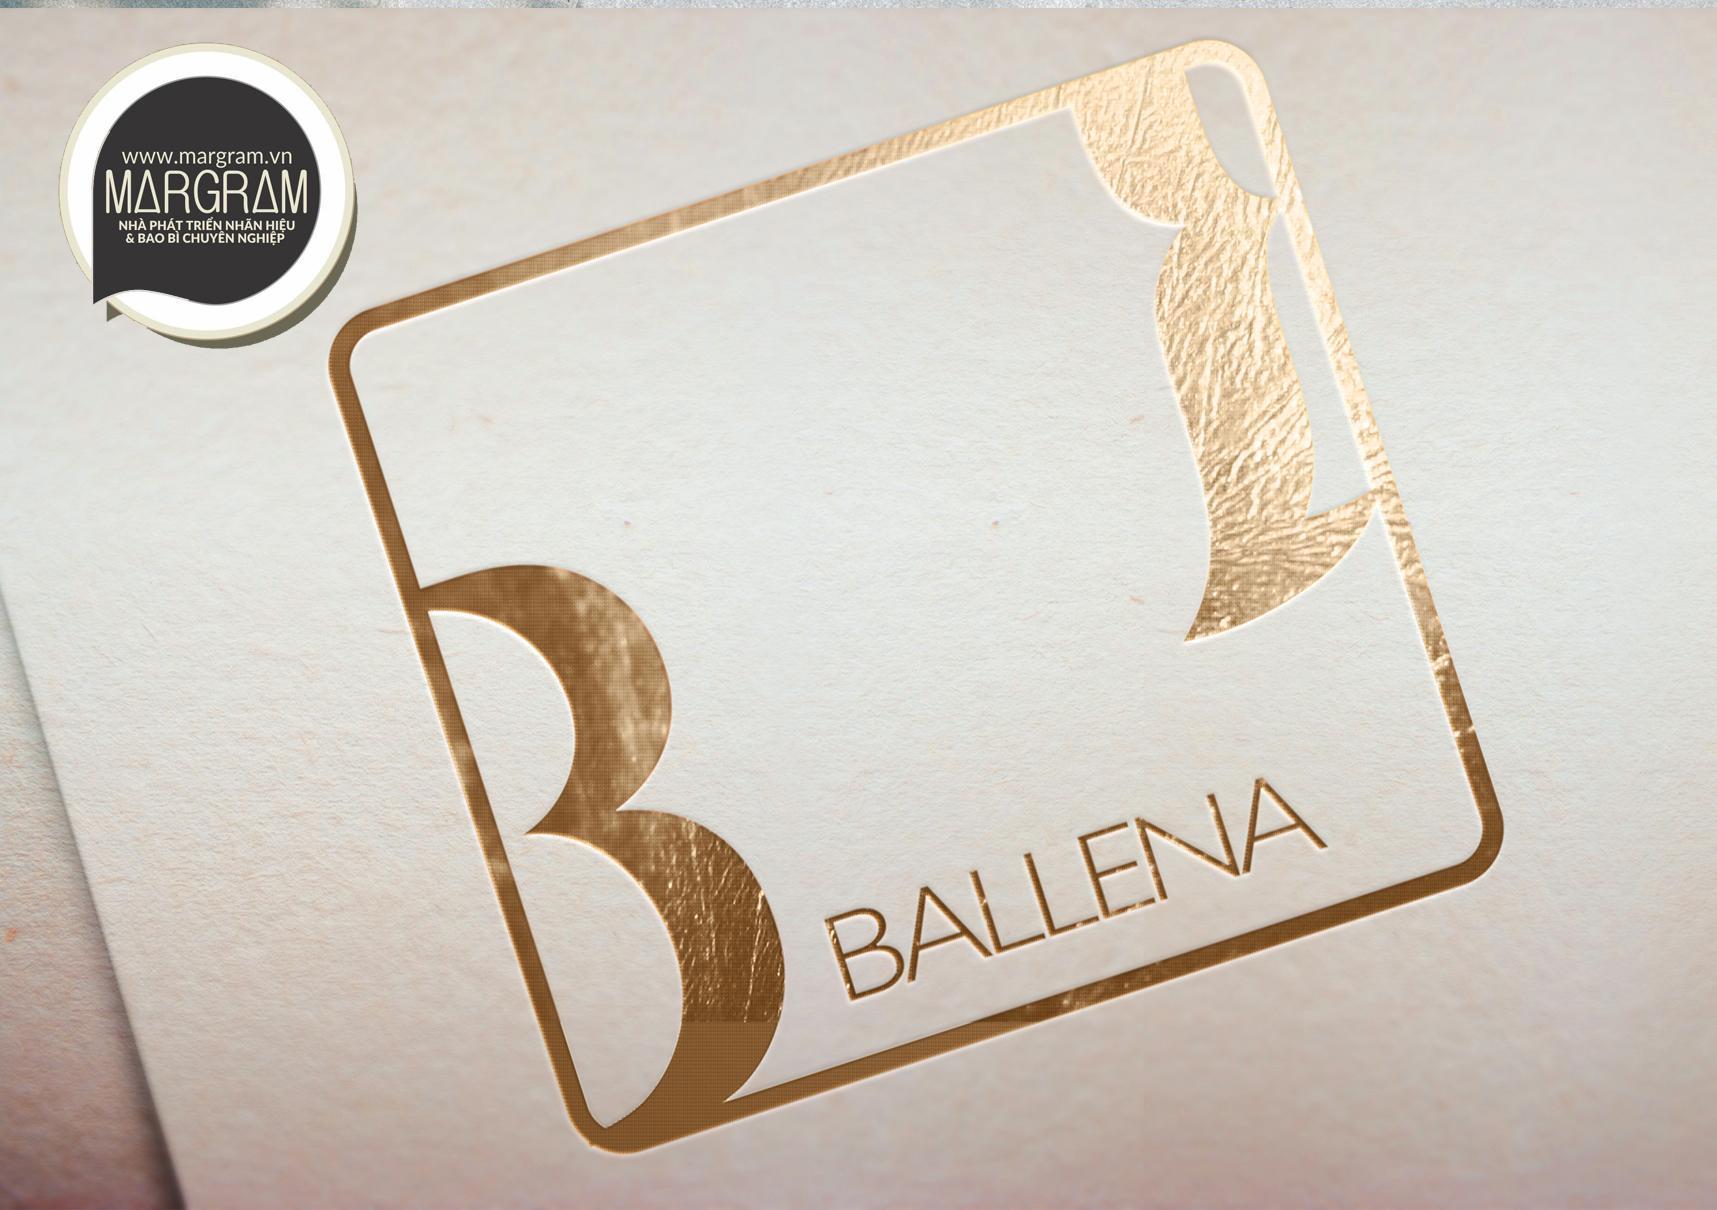 bo-nhan-dien-nhan-hieu-ballena-09